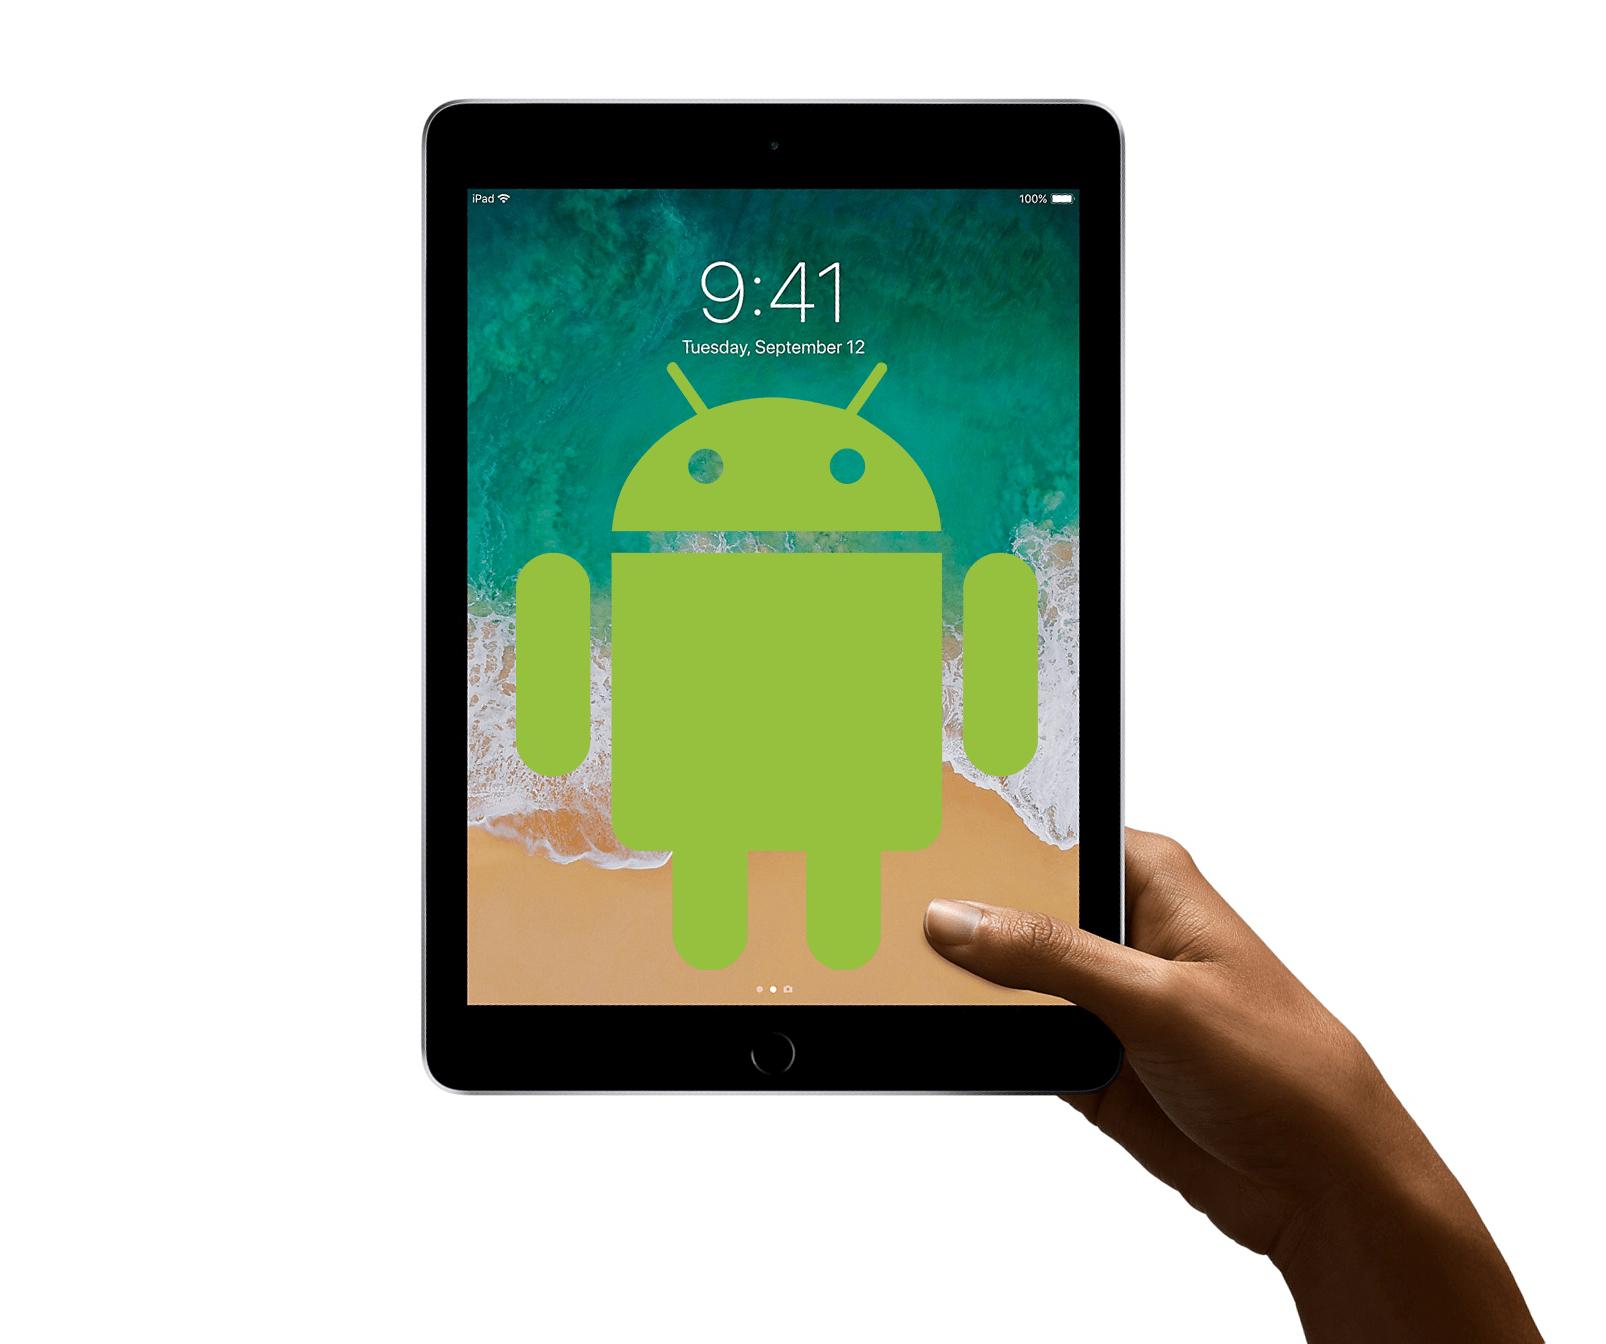 Pourquoi J'ai Acheté Un Ipad Plutôt Qu'une Tablette Android pour Tablette Jeux 4 Ans